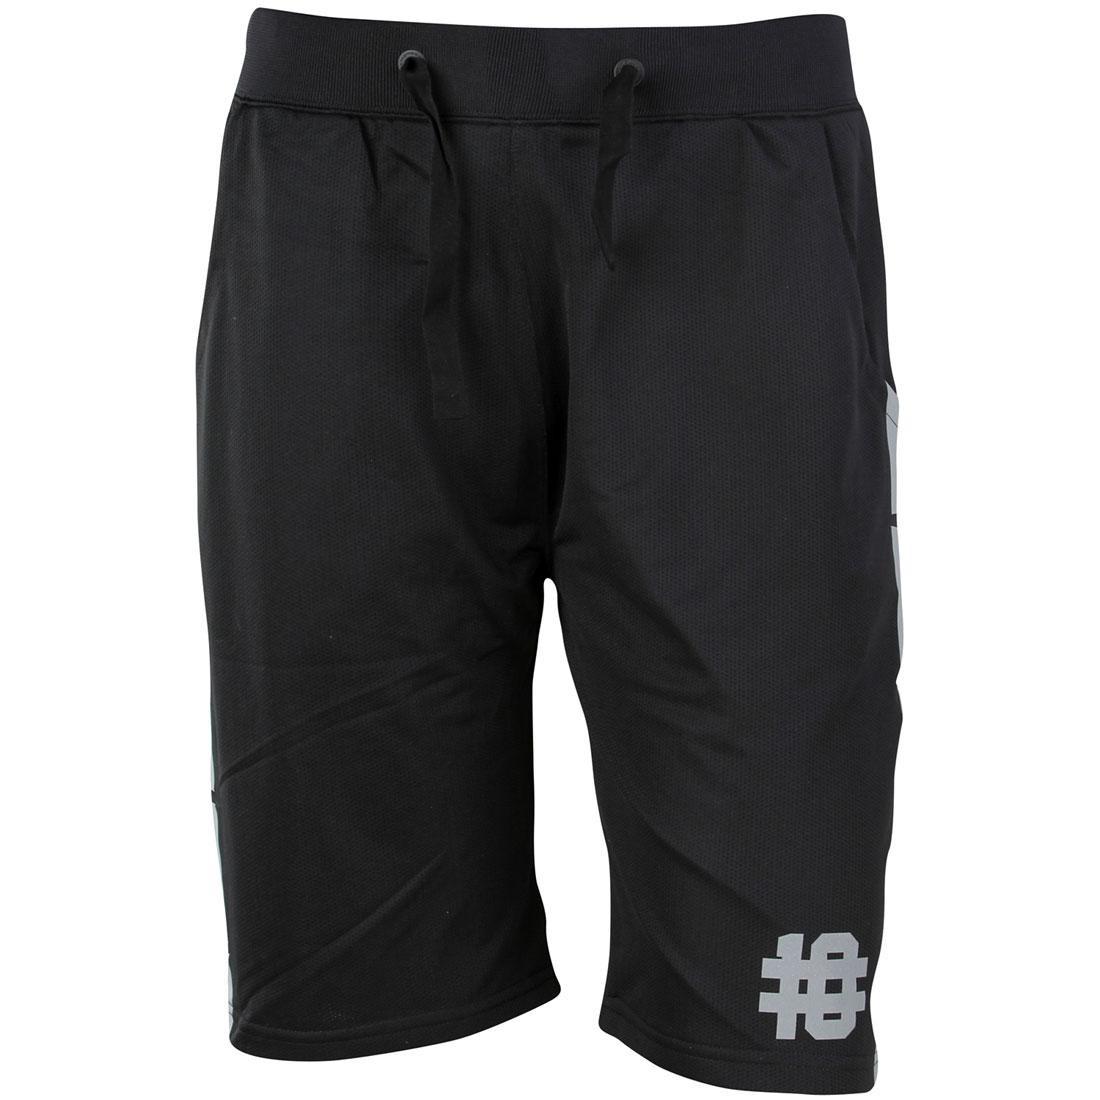 【海外限定】ディープ ショーツ ハーフパンツ ズボン パンツ 【 10 DEEP MEN RESCUE MESH SHORTS BLACK 】